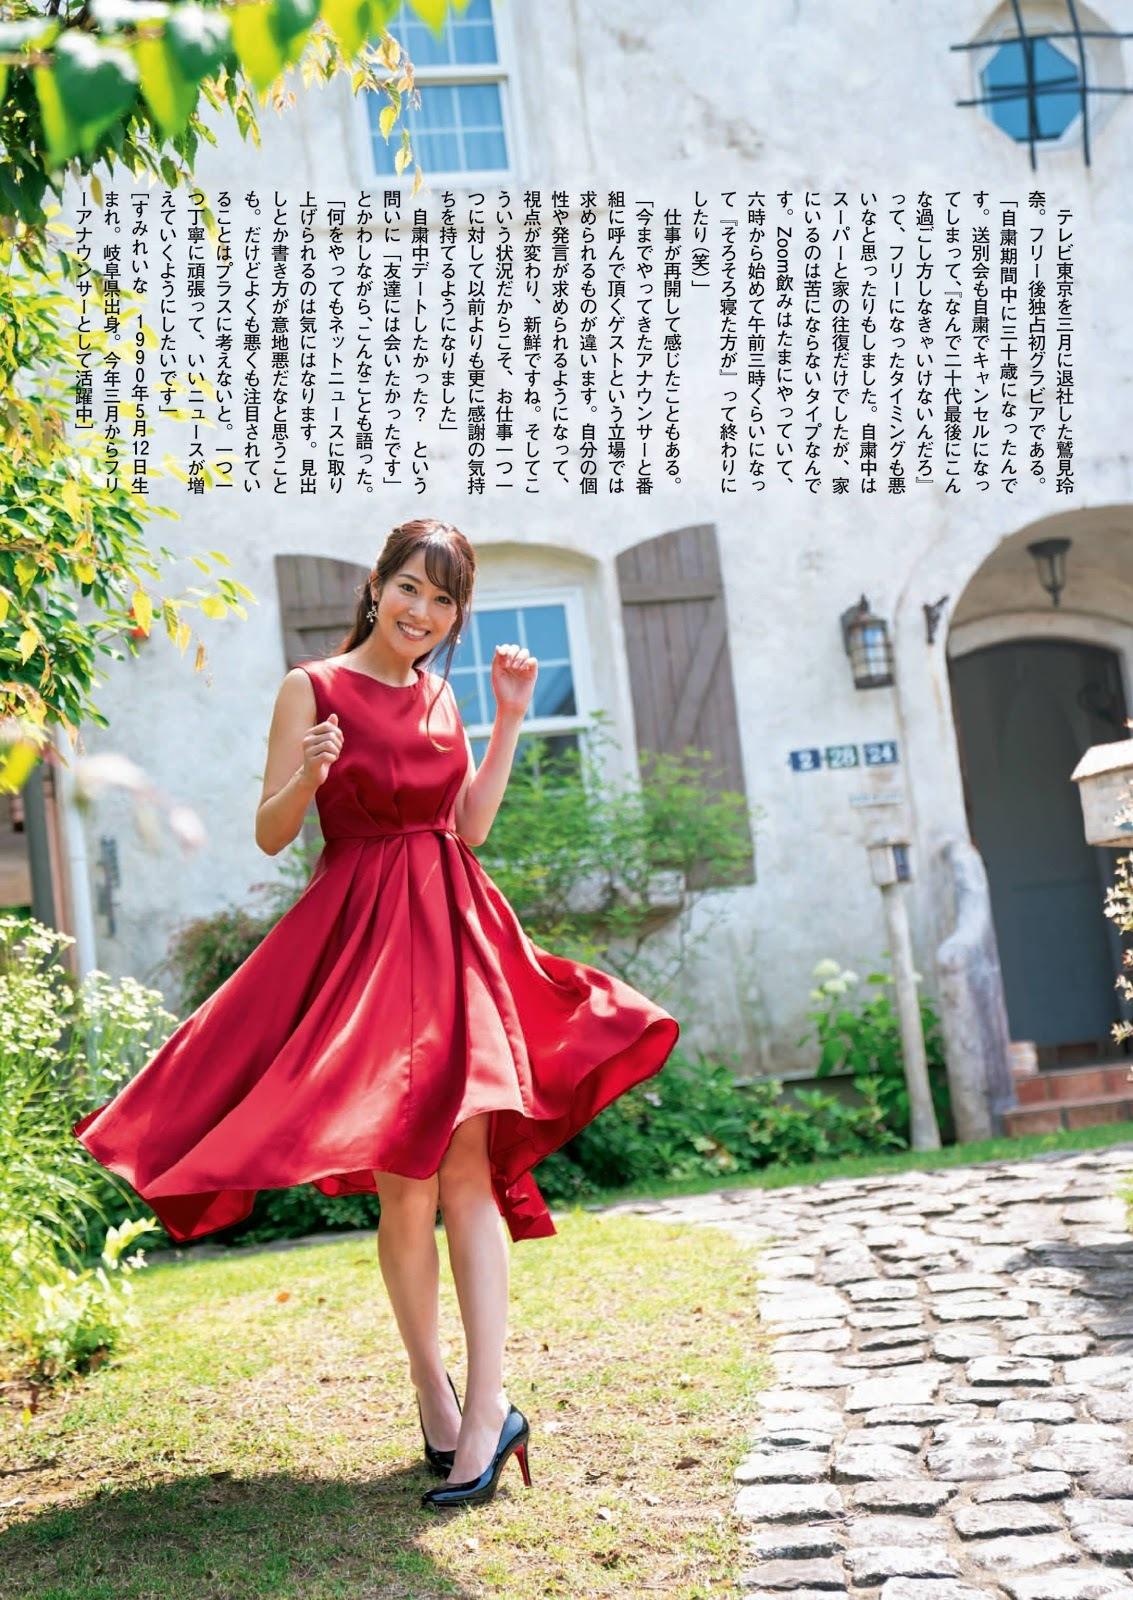 鷲見玲奈48